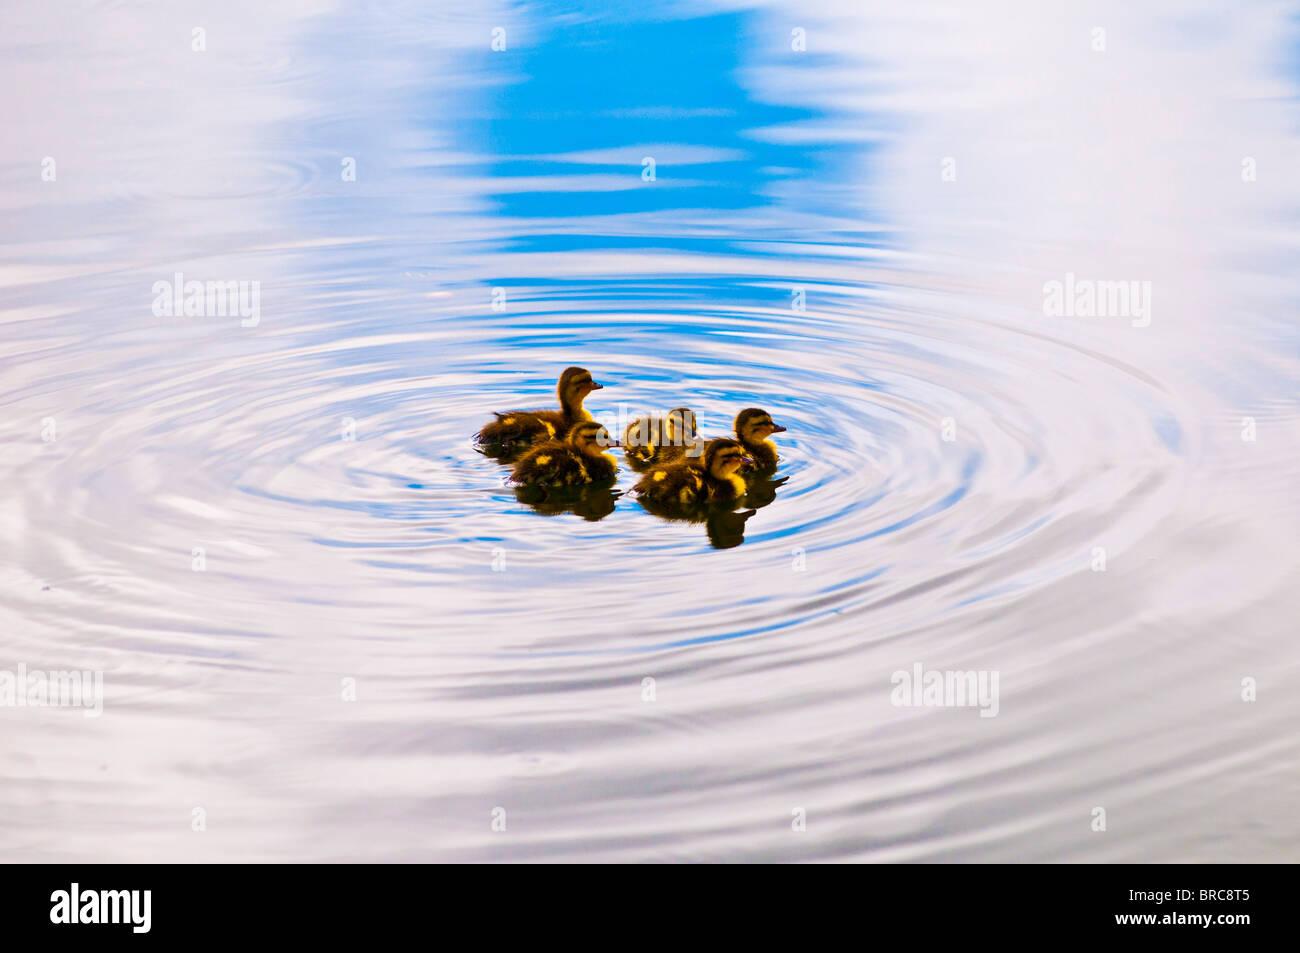 Ducklings, Kailua, Oahu, Hawaii - Stock Image